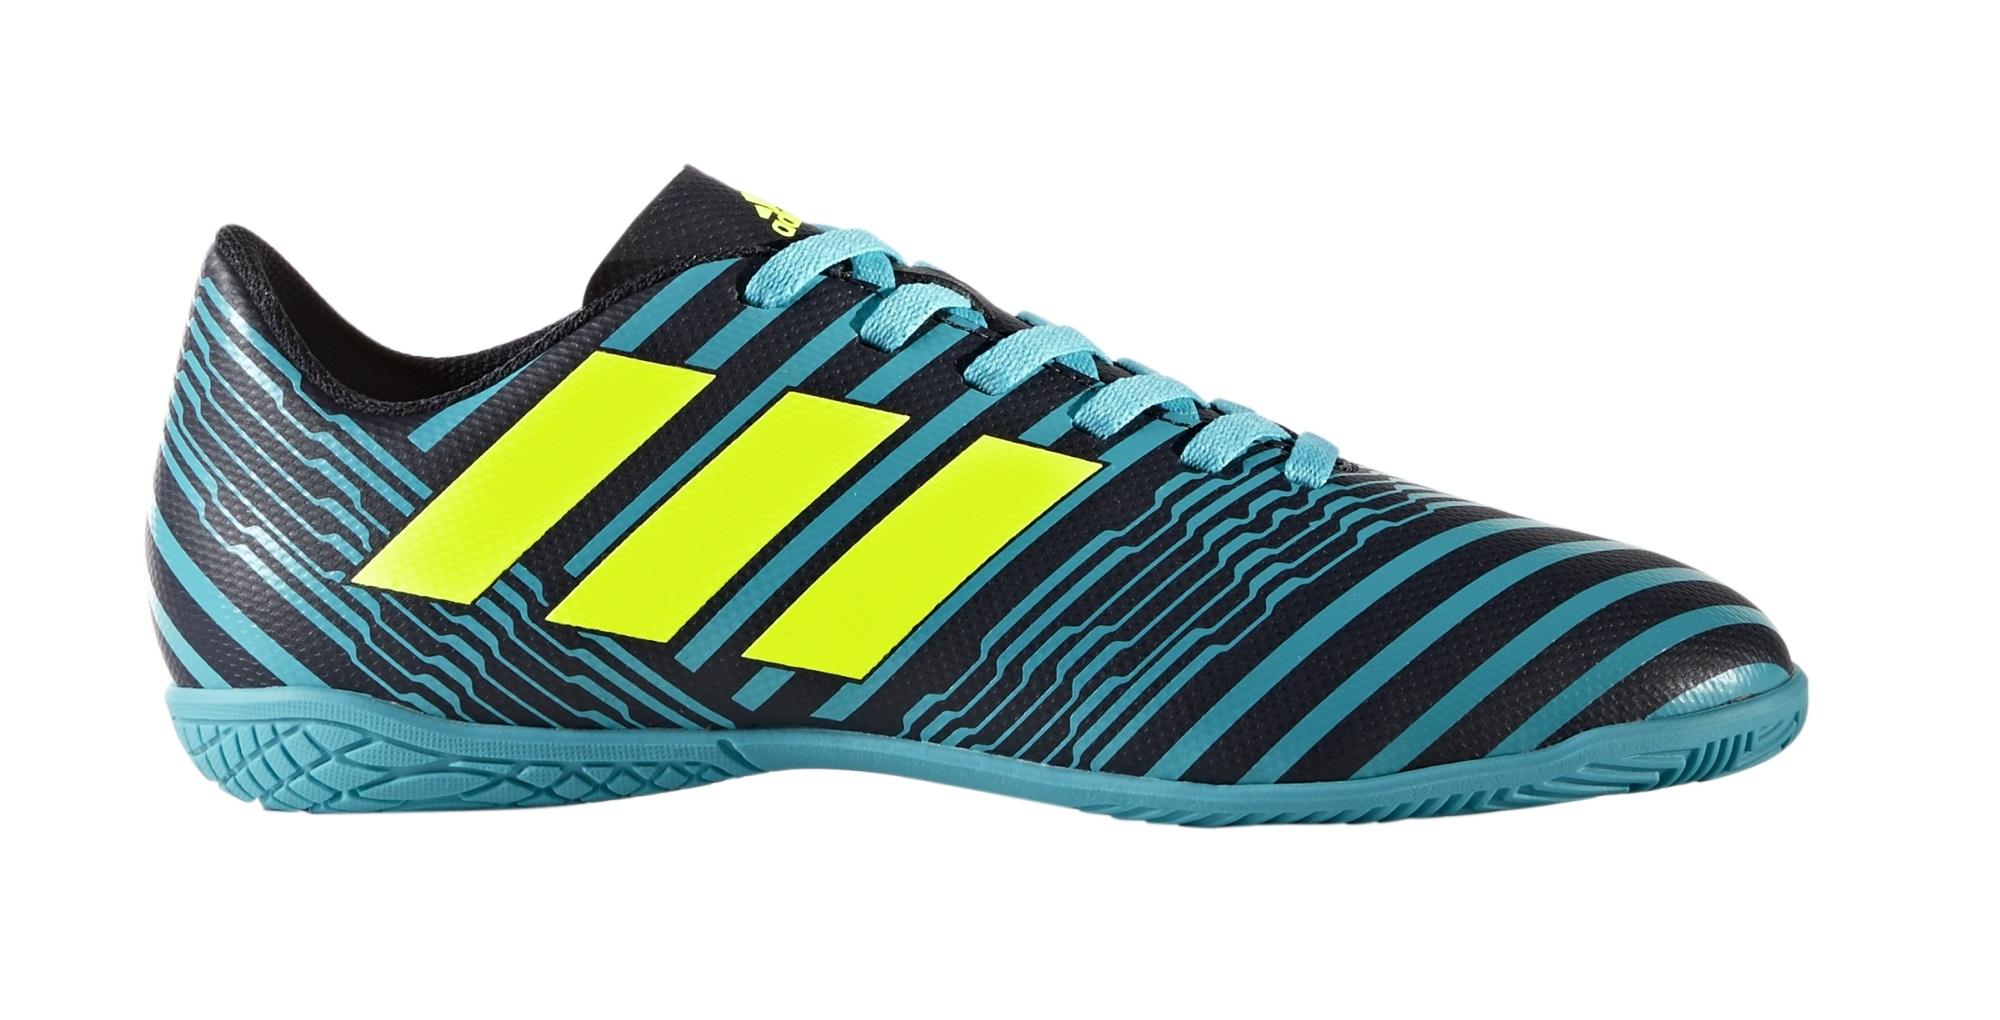 Buty adidas Nemeziz 33,5 17.4 In S82465 33,5 Nemeziz 6953394116 oficjalne ... d72775